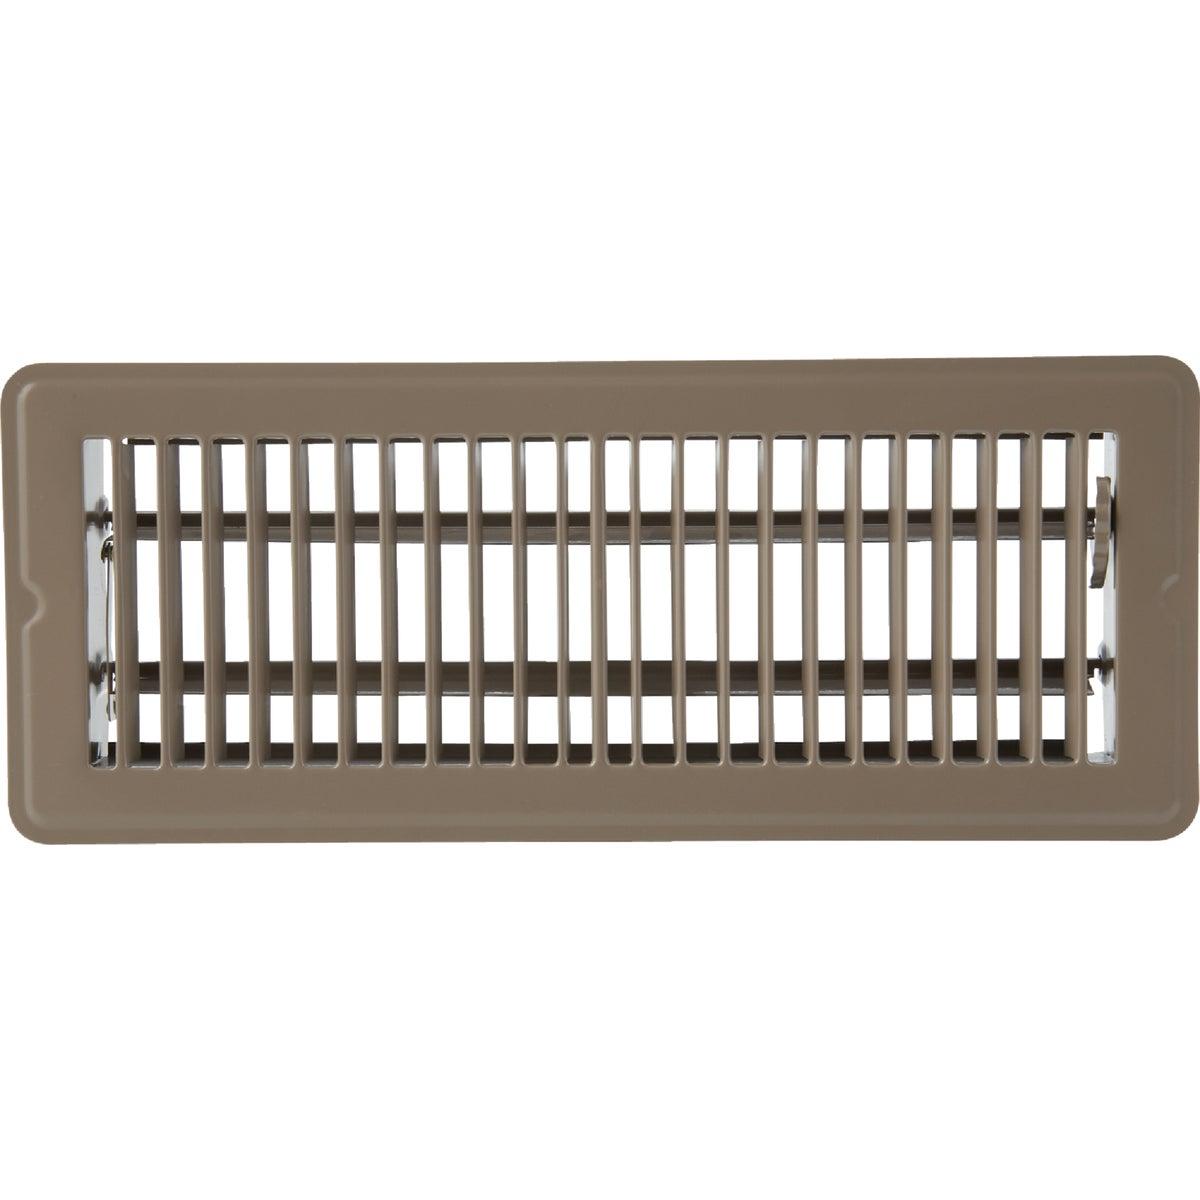 Home Impressions Steel Floor Register, 1FL0212BR-NH